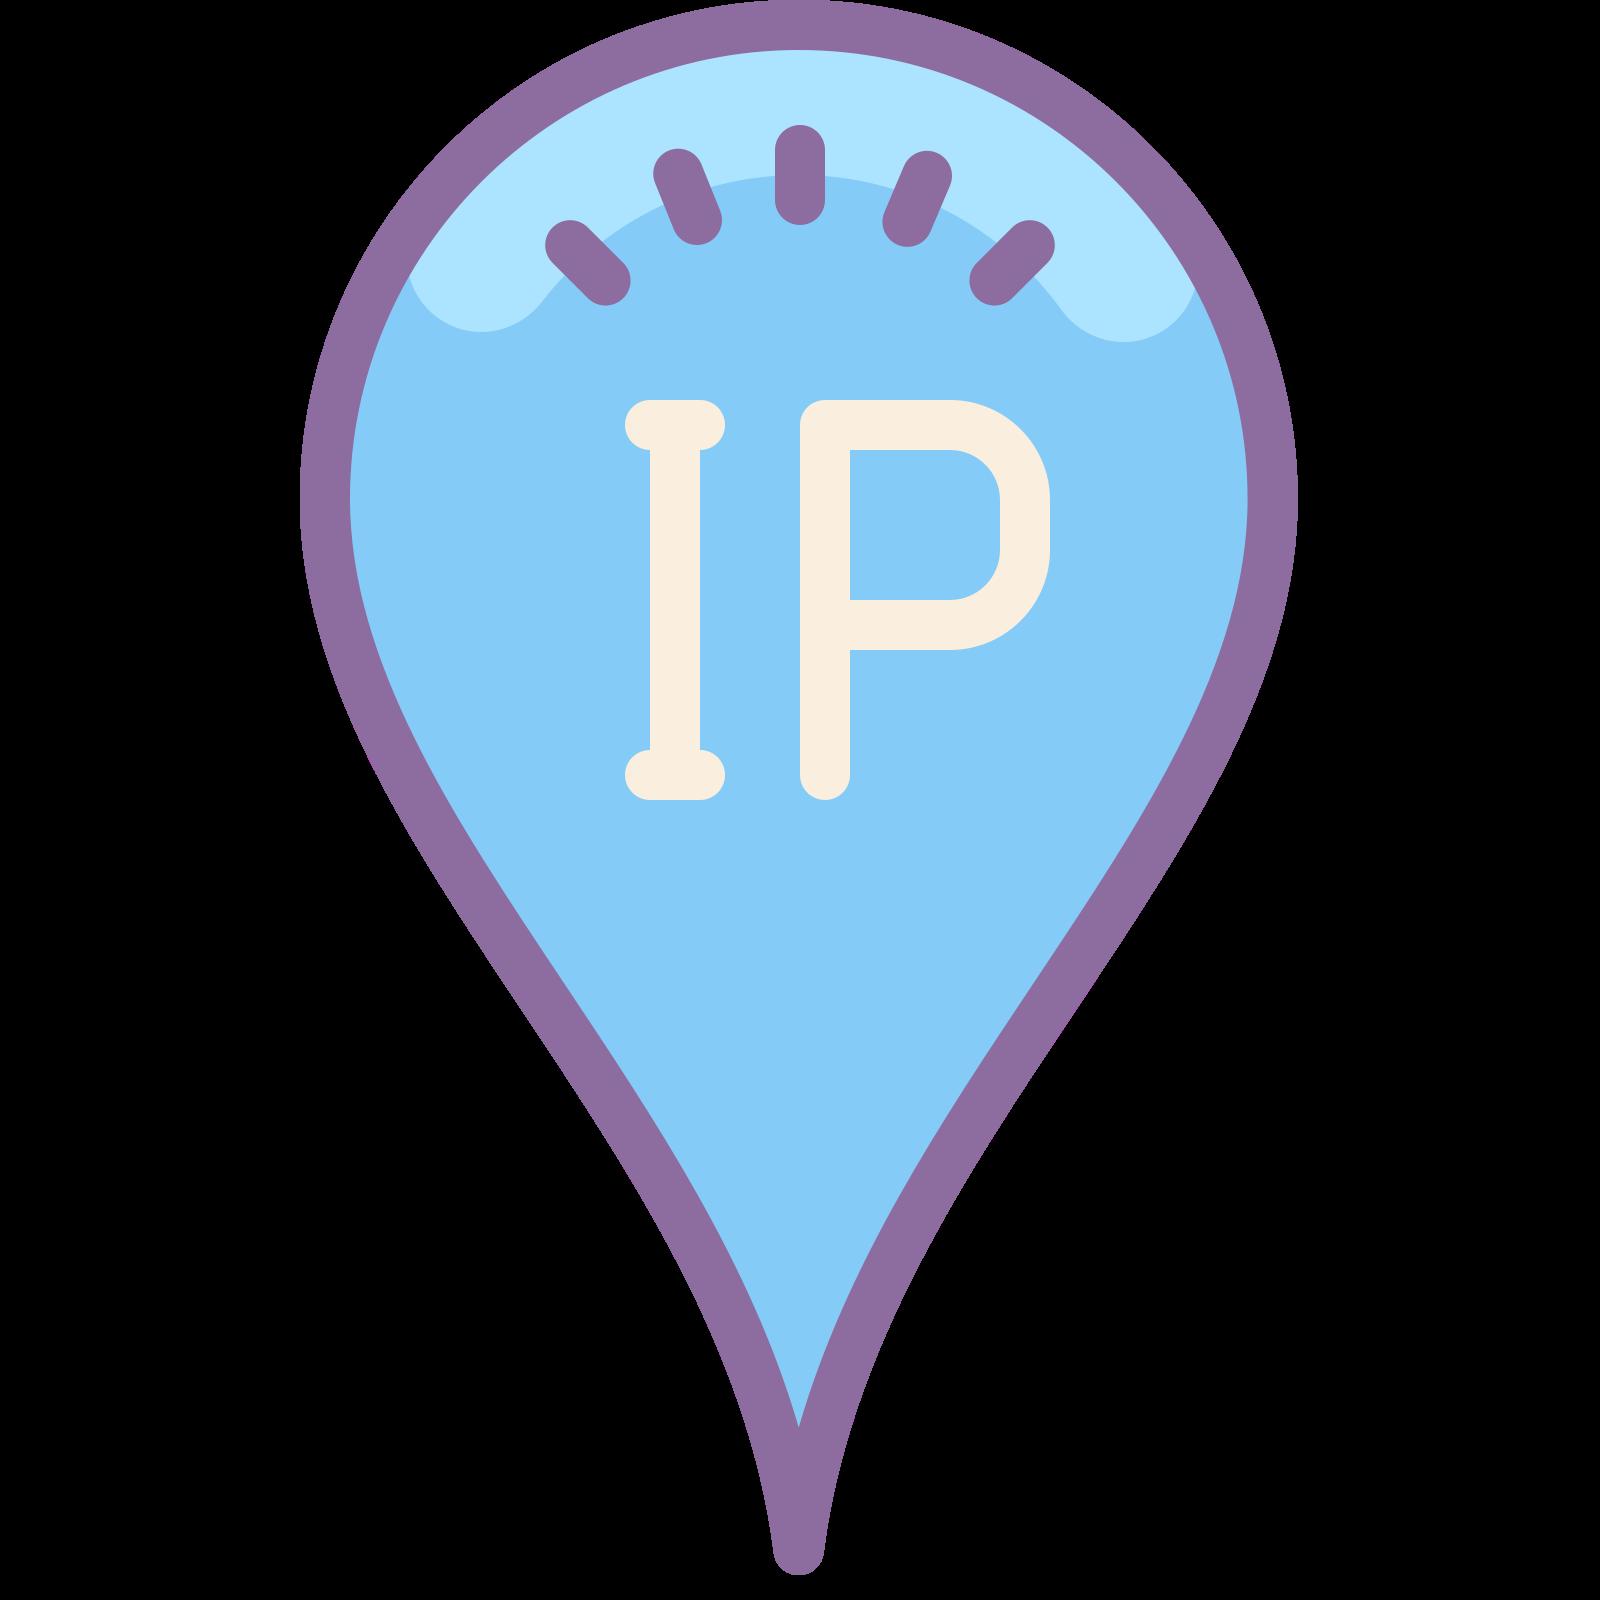 Adres IP icon